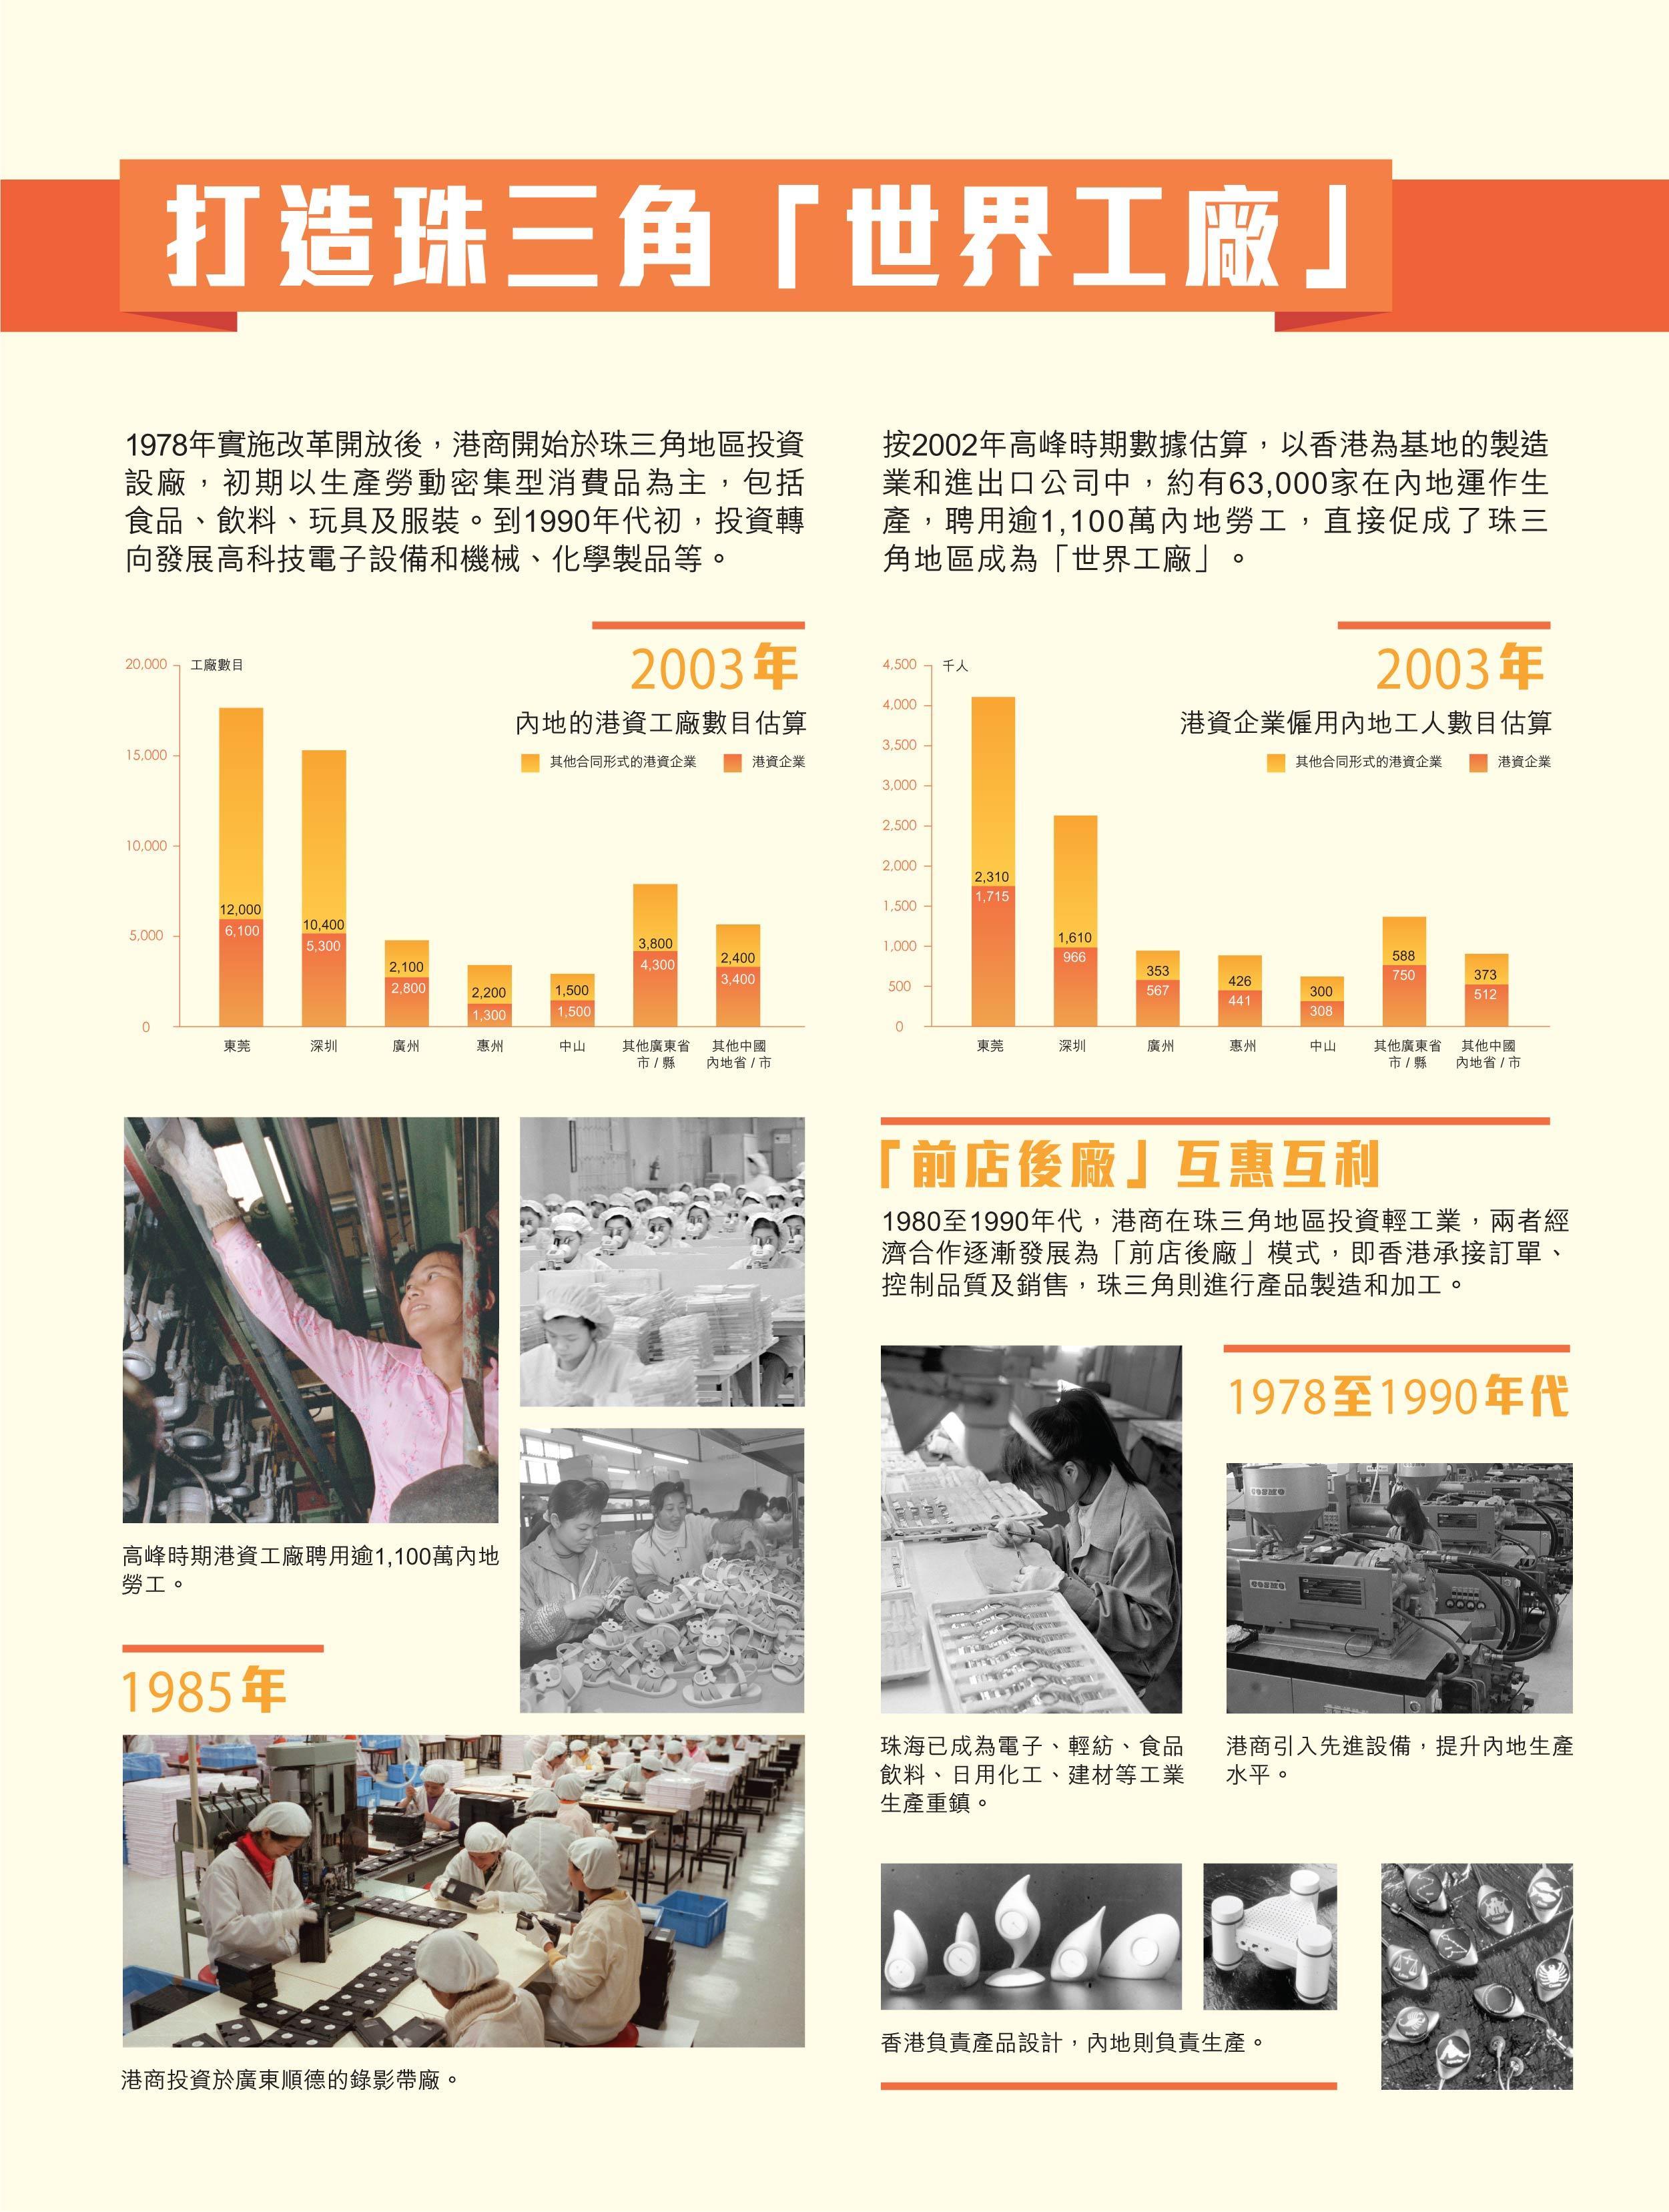 gaige_xiangganggongxian_panel_p3_aw_oct29_websize-dazaozhusanjiao